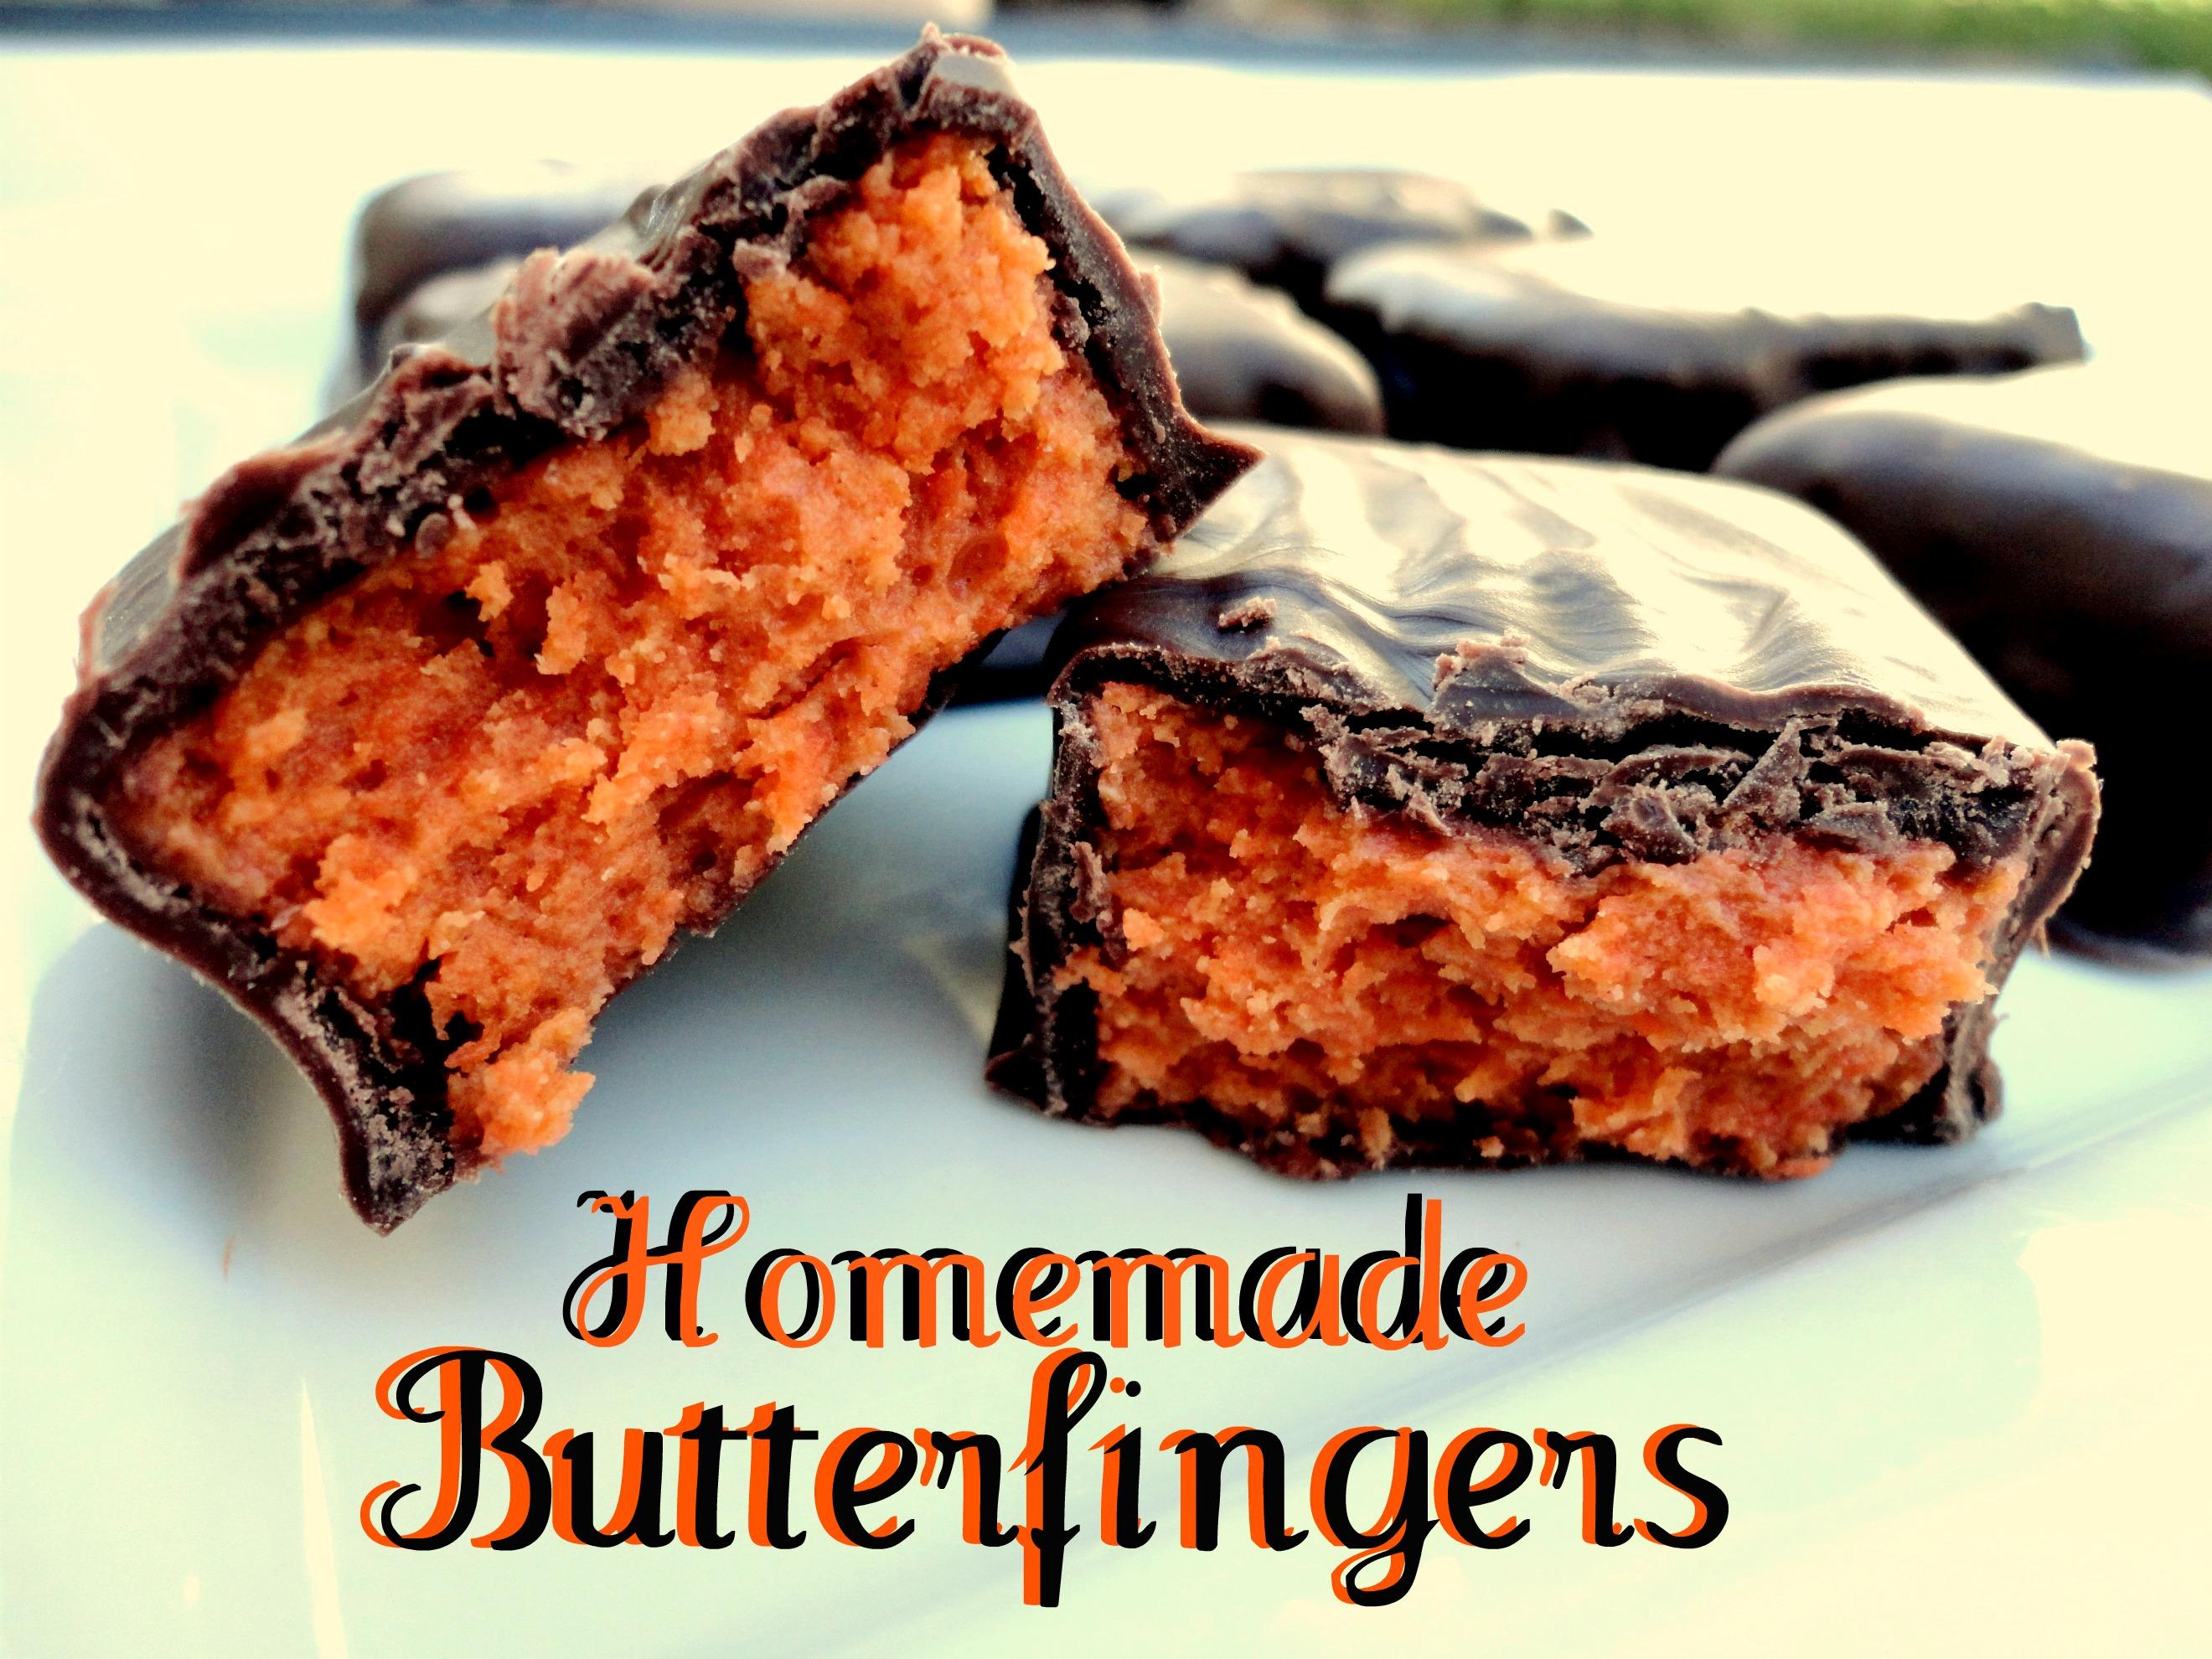 ... with homemade homemade butterfingers homemamde homemade butterfingers